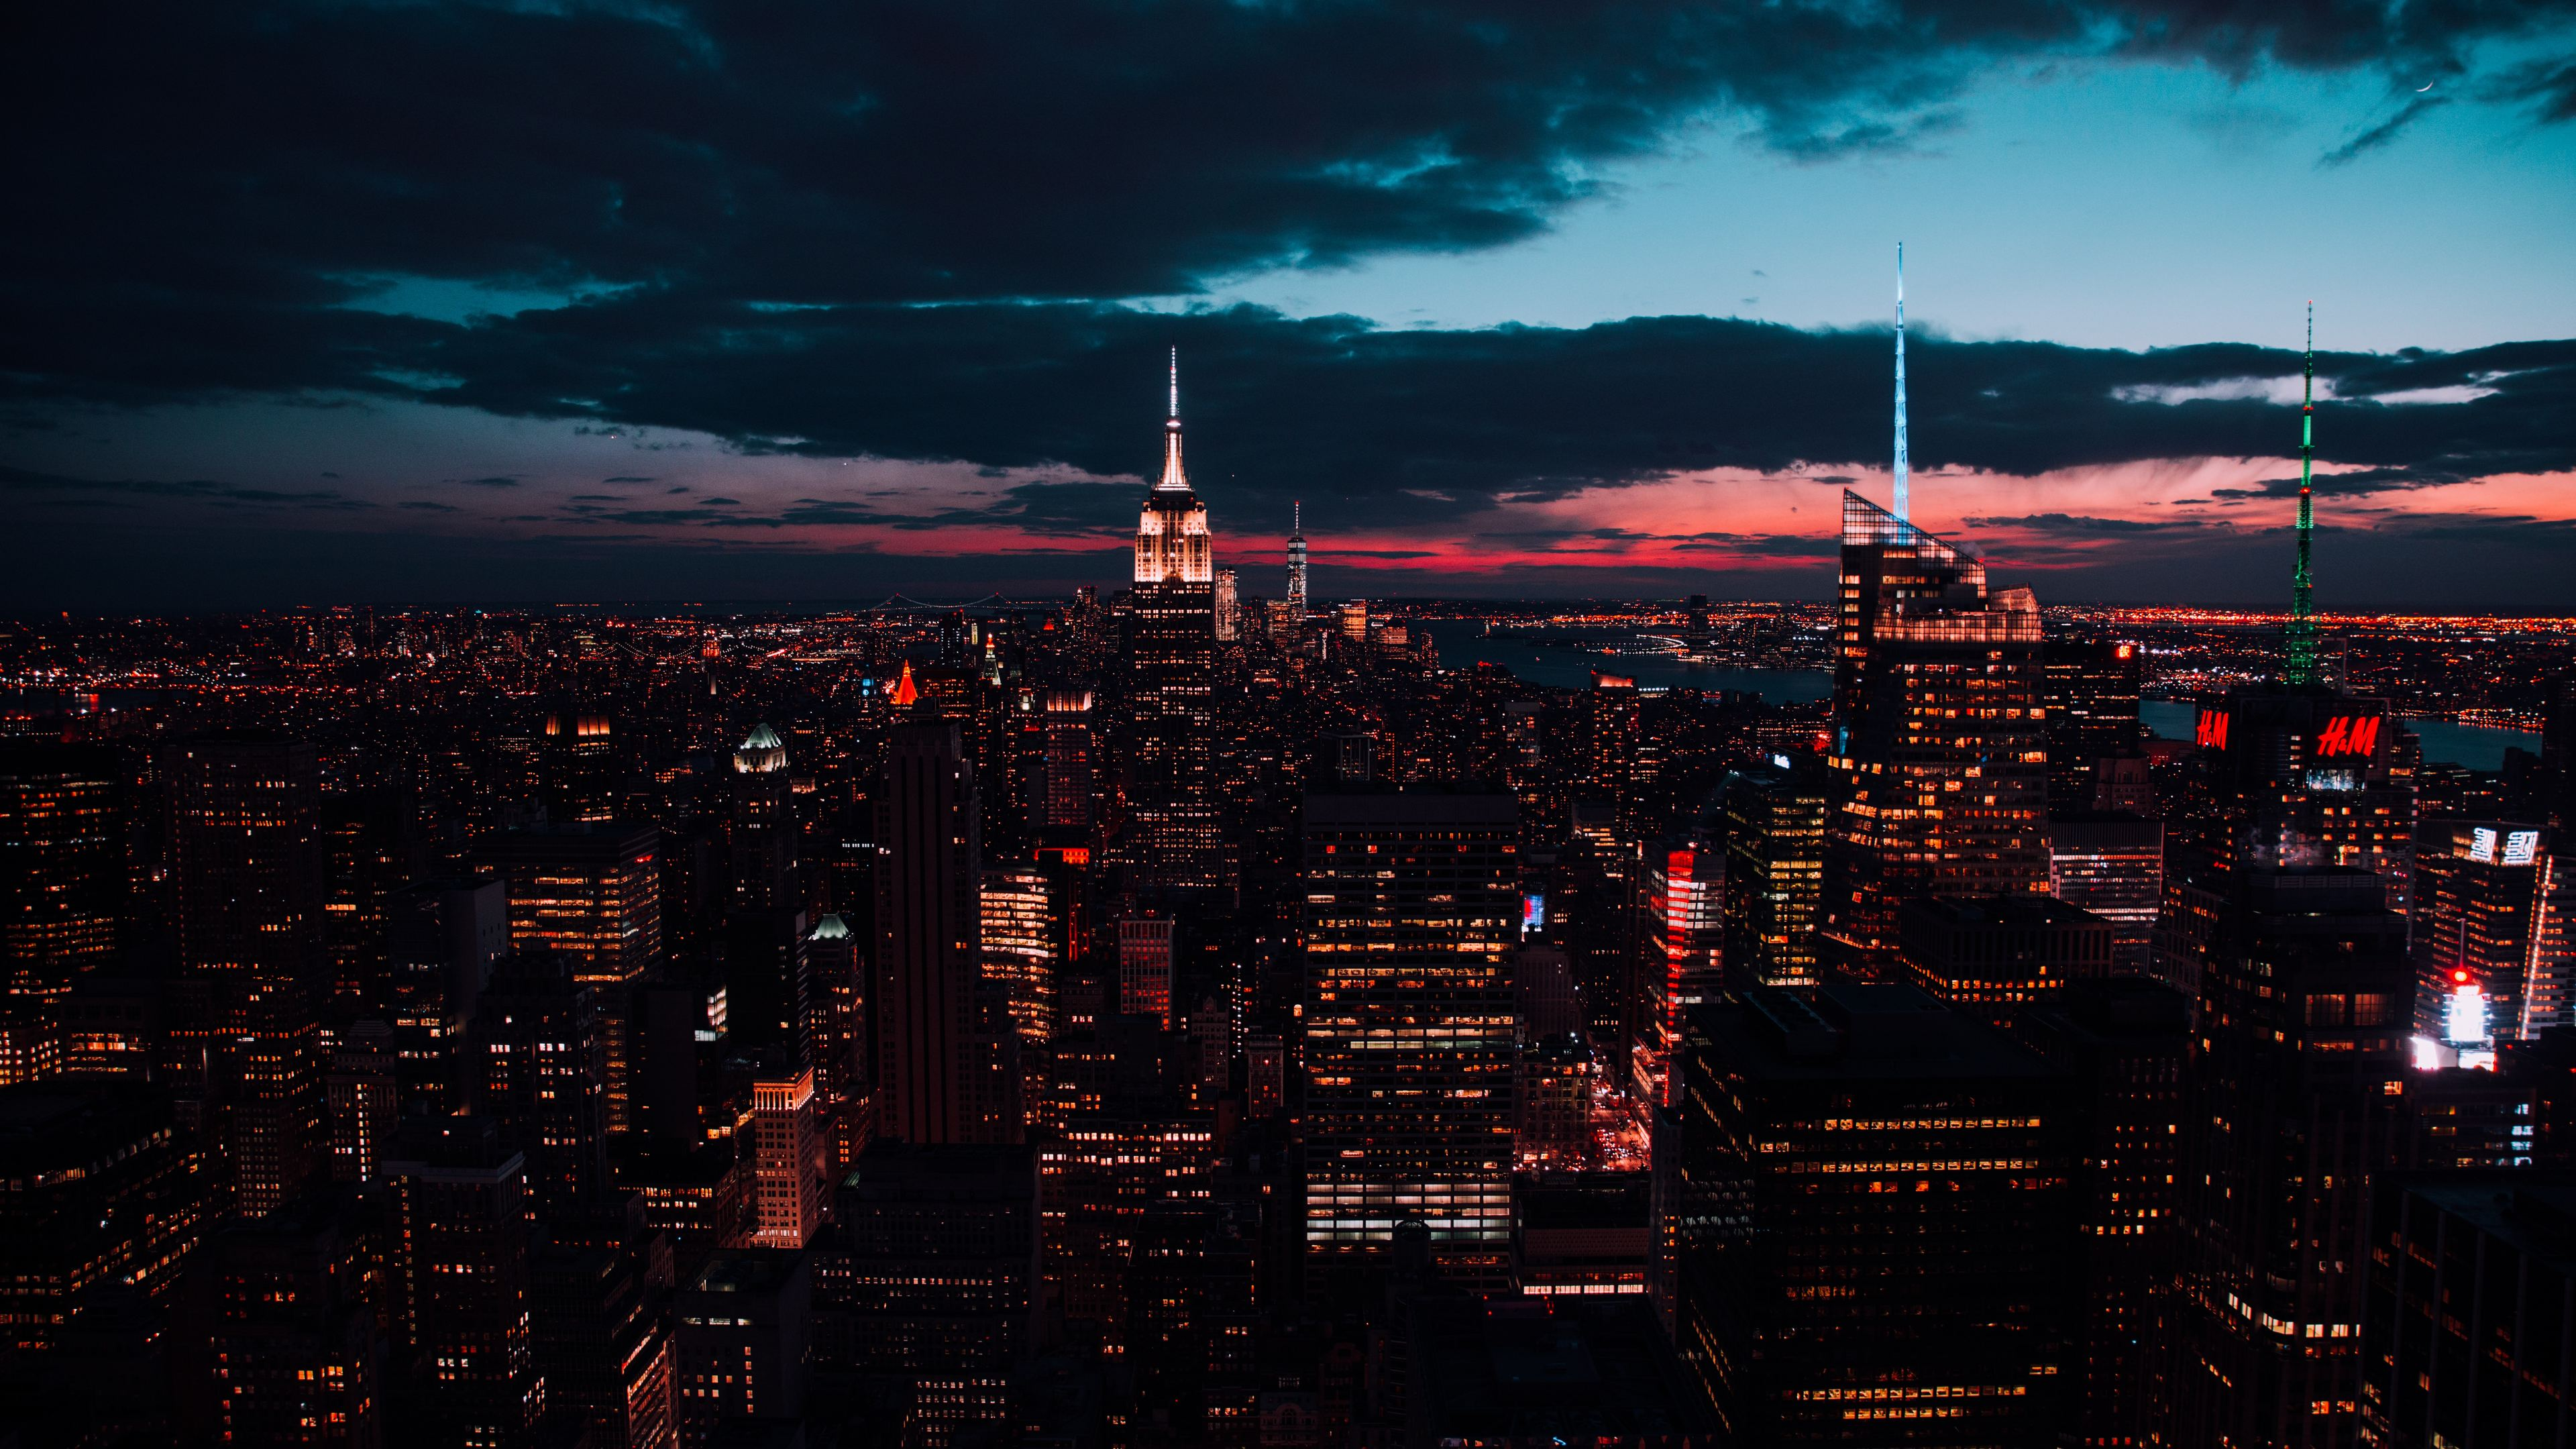 rockefeller center new york united states of america 4k 1560535773 - Rockefeller Center New York United States Of America 4k - world wallpapers, usa wallpapers, photography wallpapers, new york wallpapers, hd-wallpapers, buildings wallpapers, 4k-wallpapers